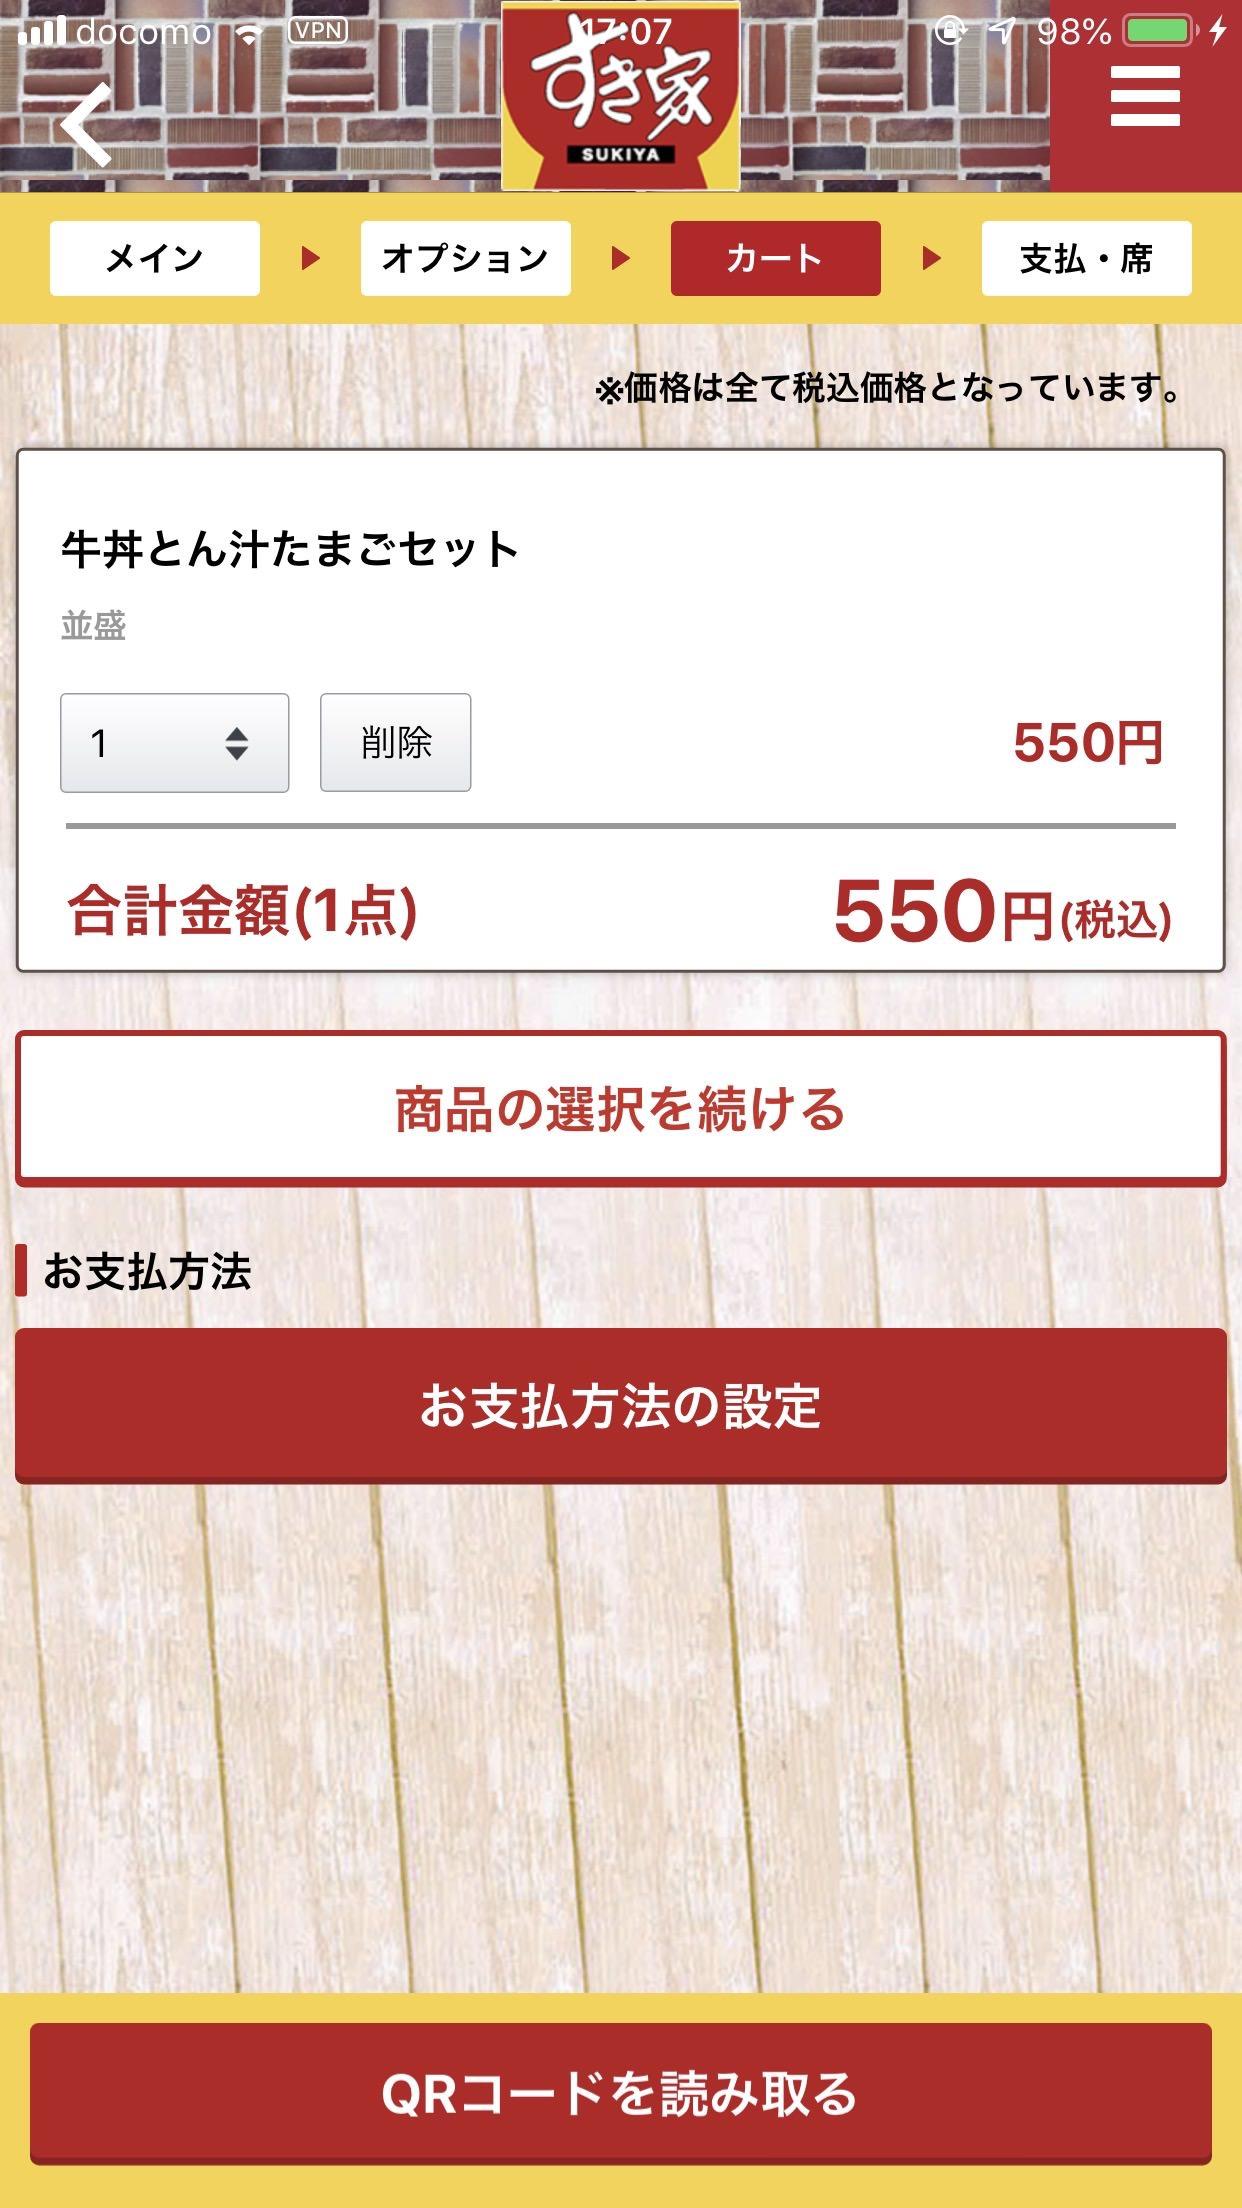 「すき家」モバイルオーダー 3